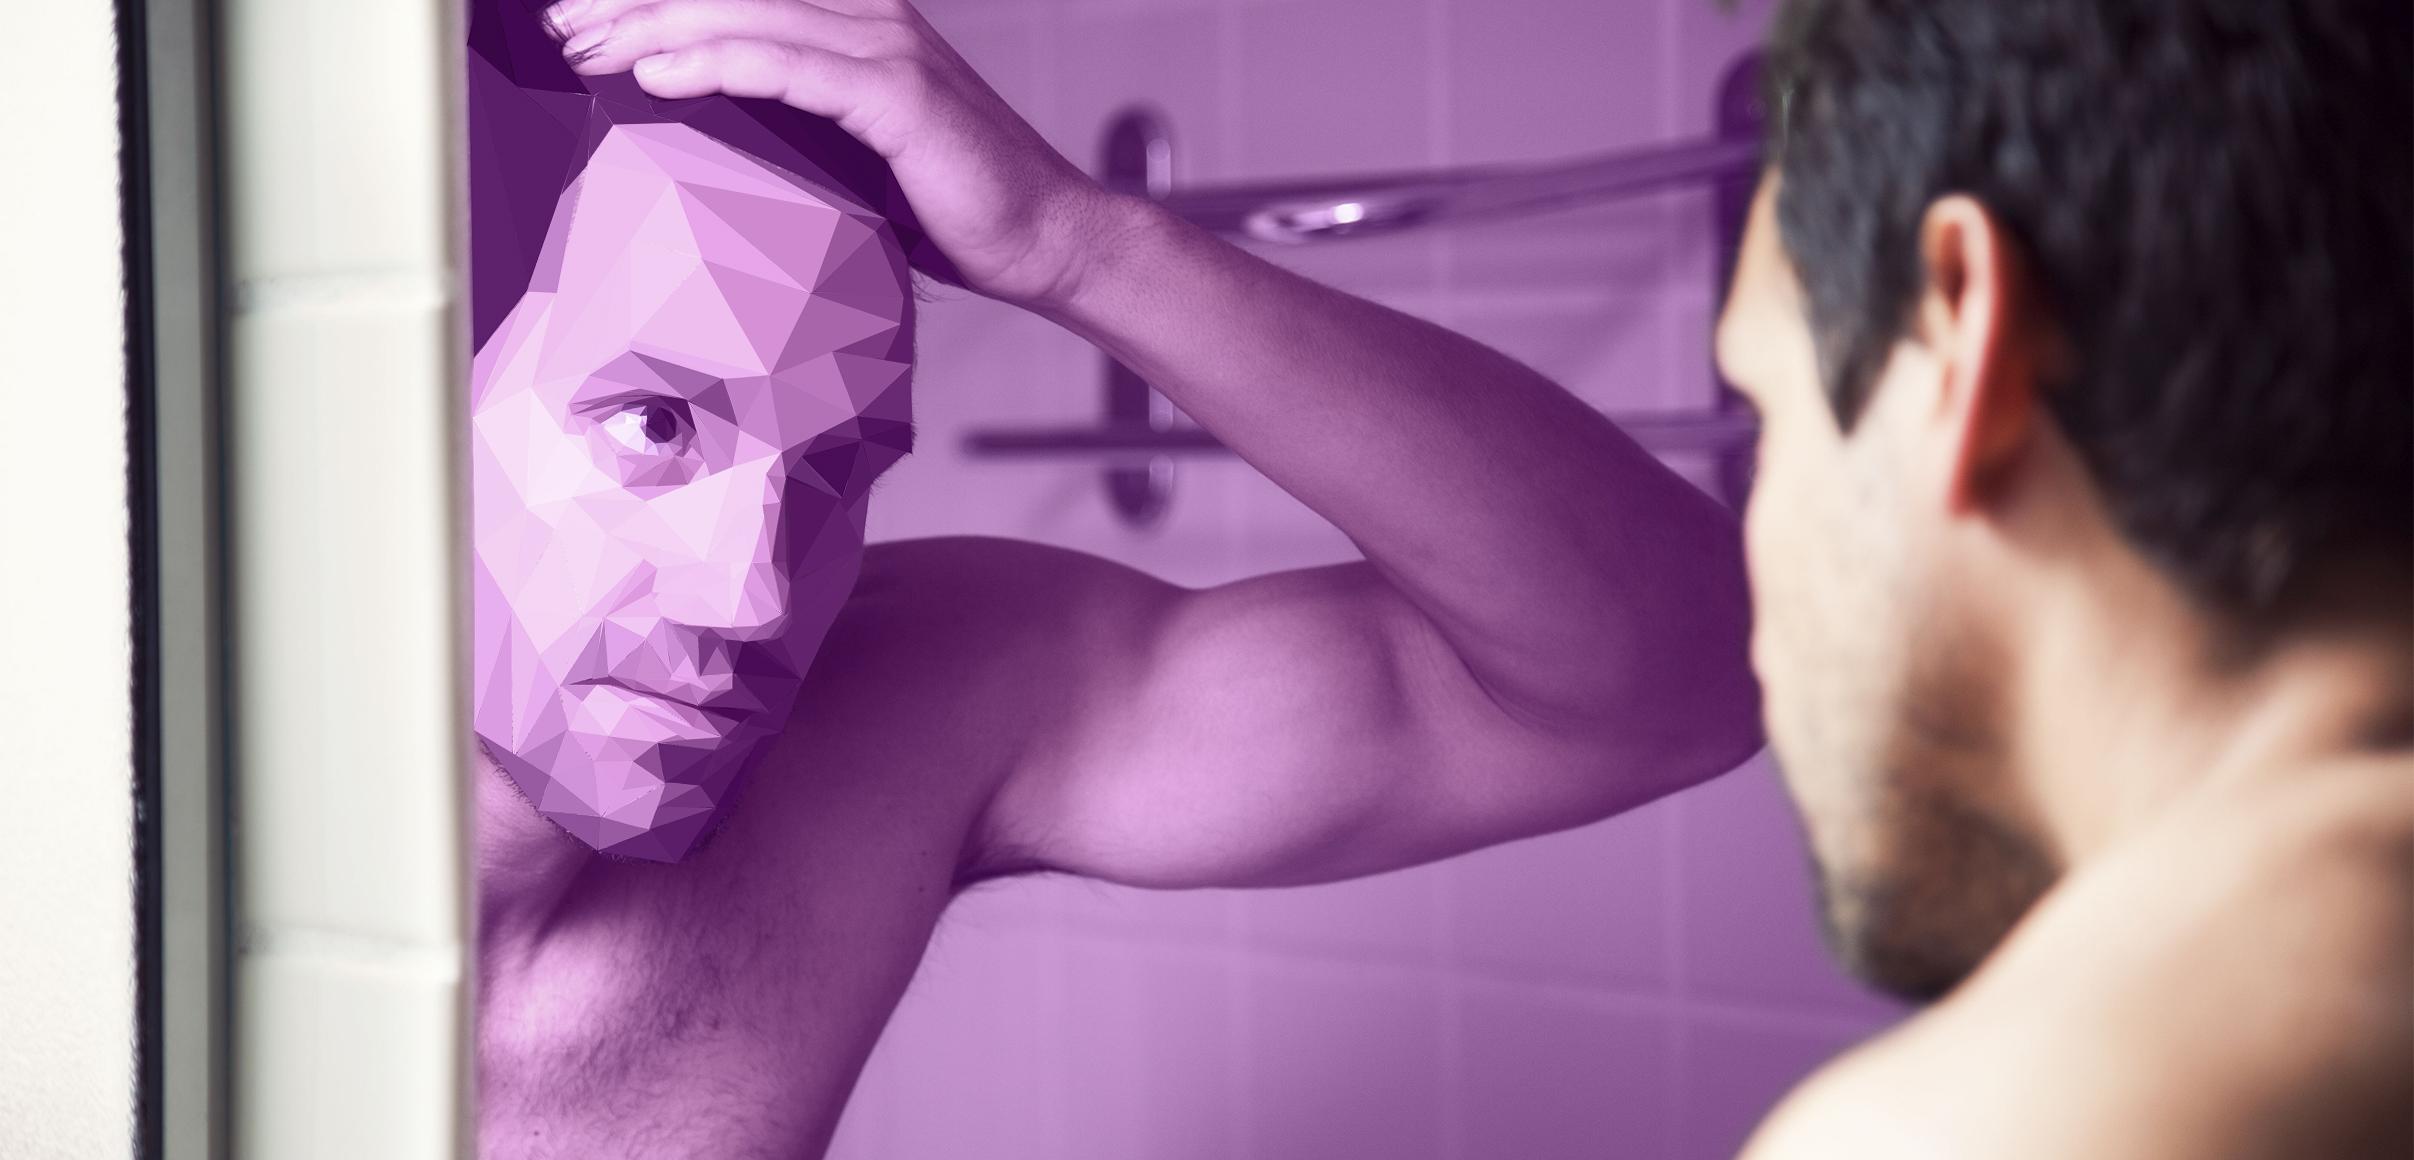 Mann betrachtet sein Gesicht im Spiegel